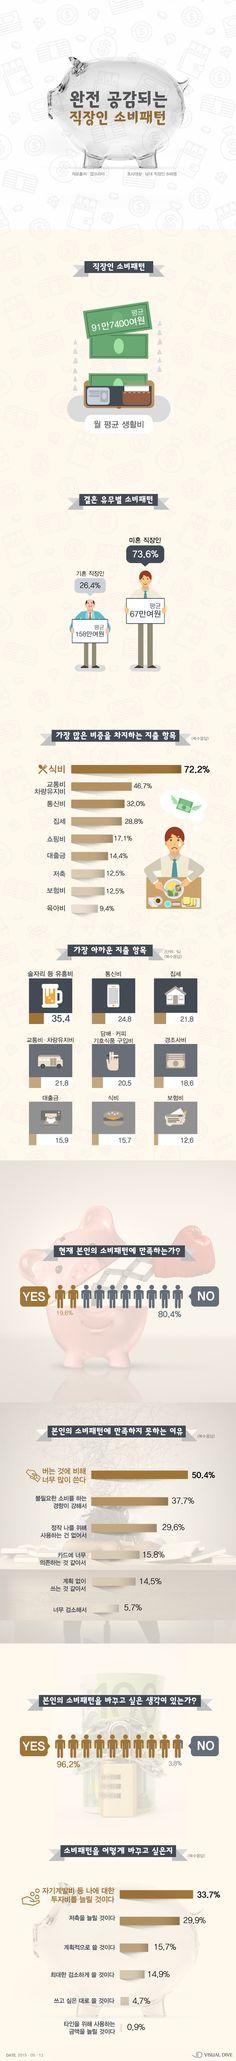 직장인 월 생활비 91만7400원…가장 아까운 지출은 '술값' [인포그래픽] #living expenses / #Infographic ⓒ 비주얼다이브 무단 복사·전재·재배포 금지